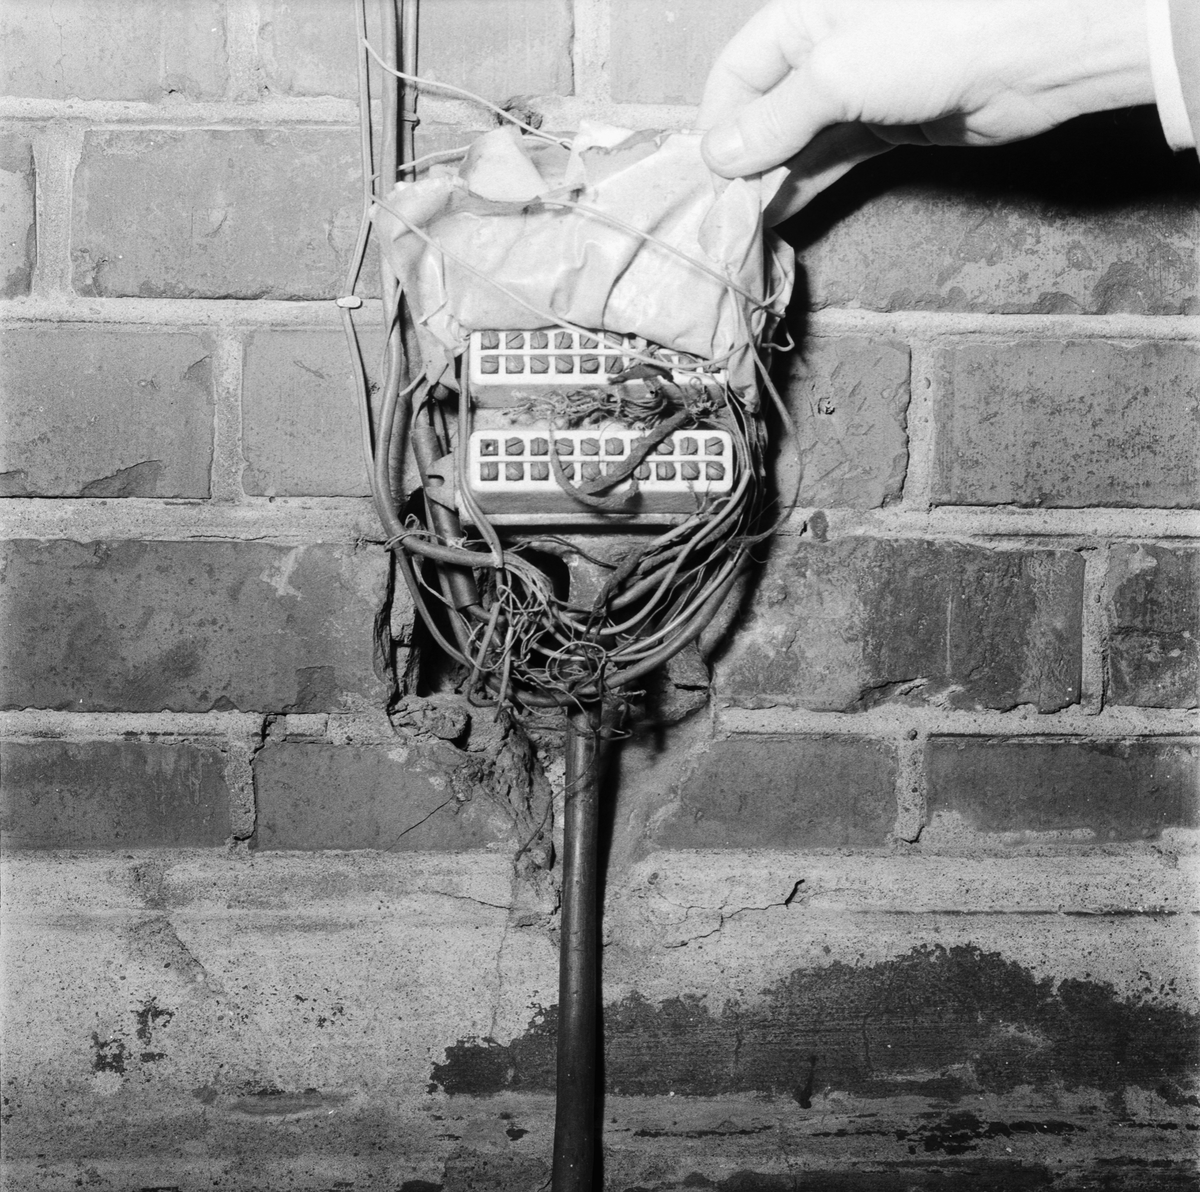 Övrigt: Foto datum: 14/1 1958 Byggnader och kranar Avd.63 elkopplingsanordning